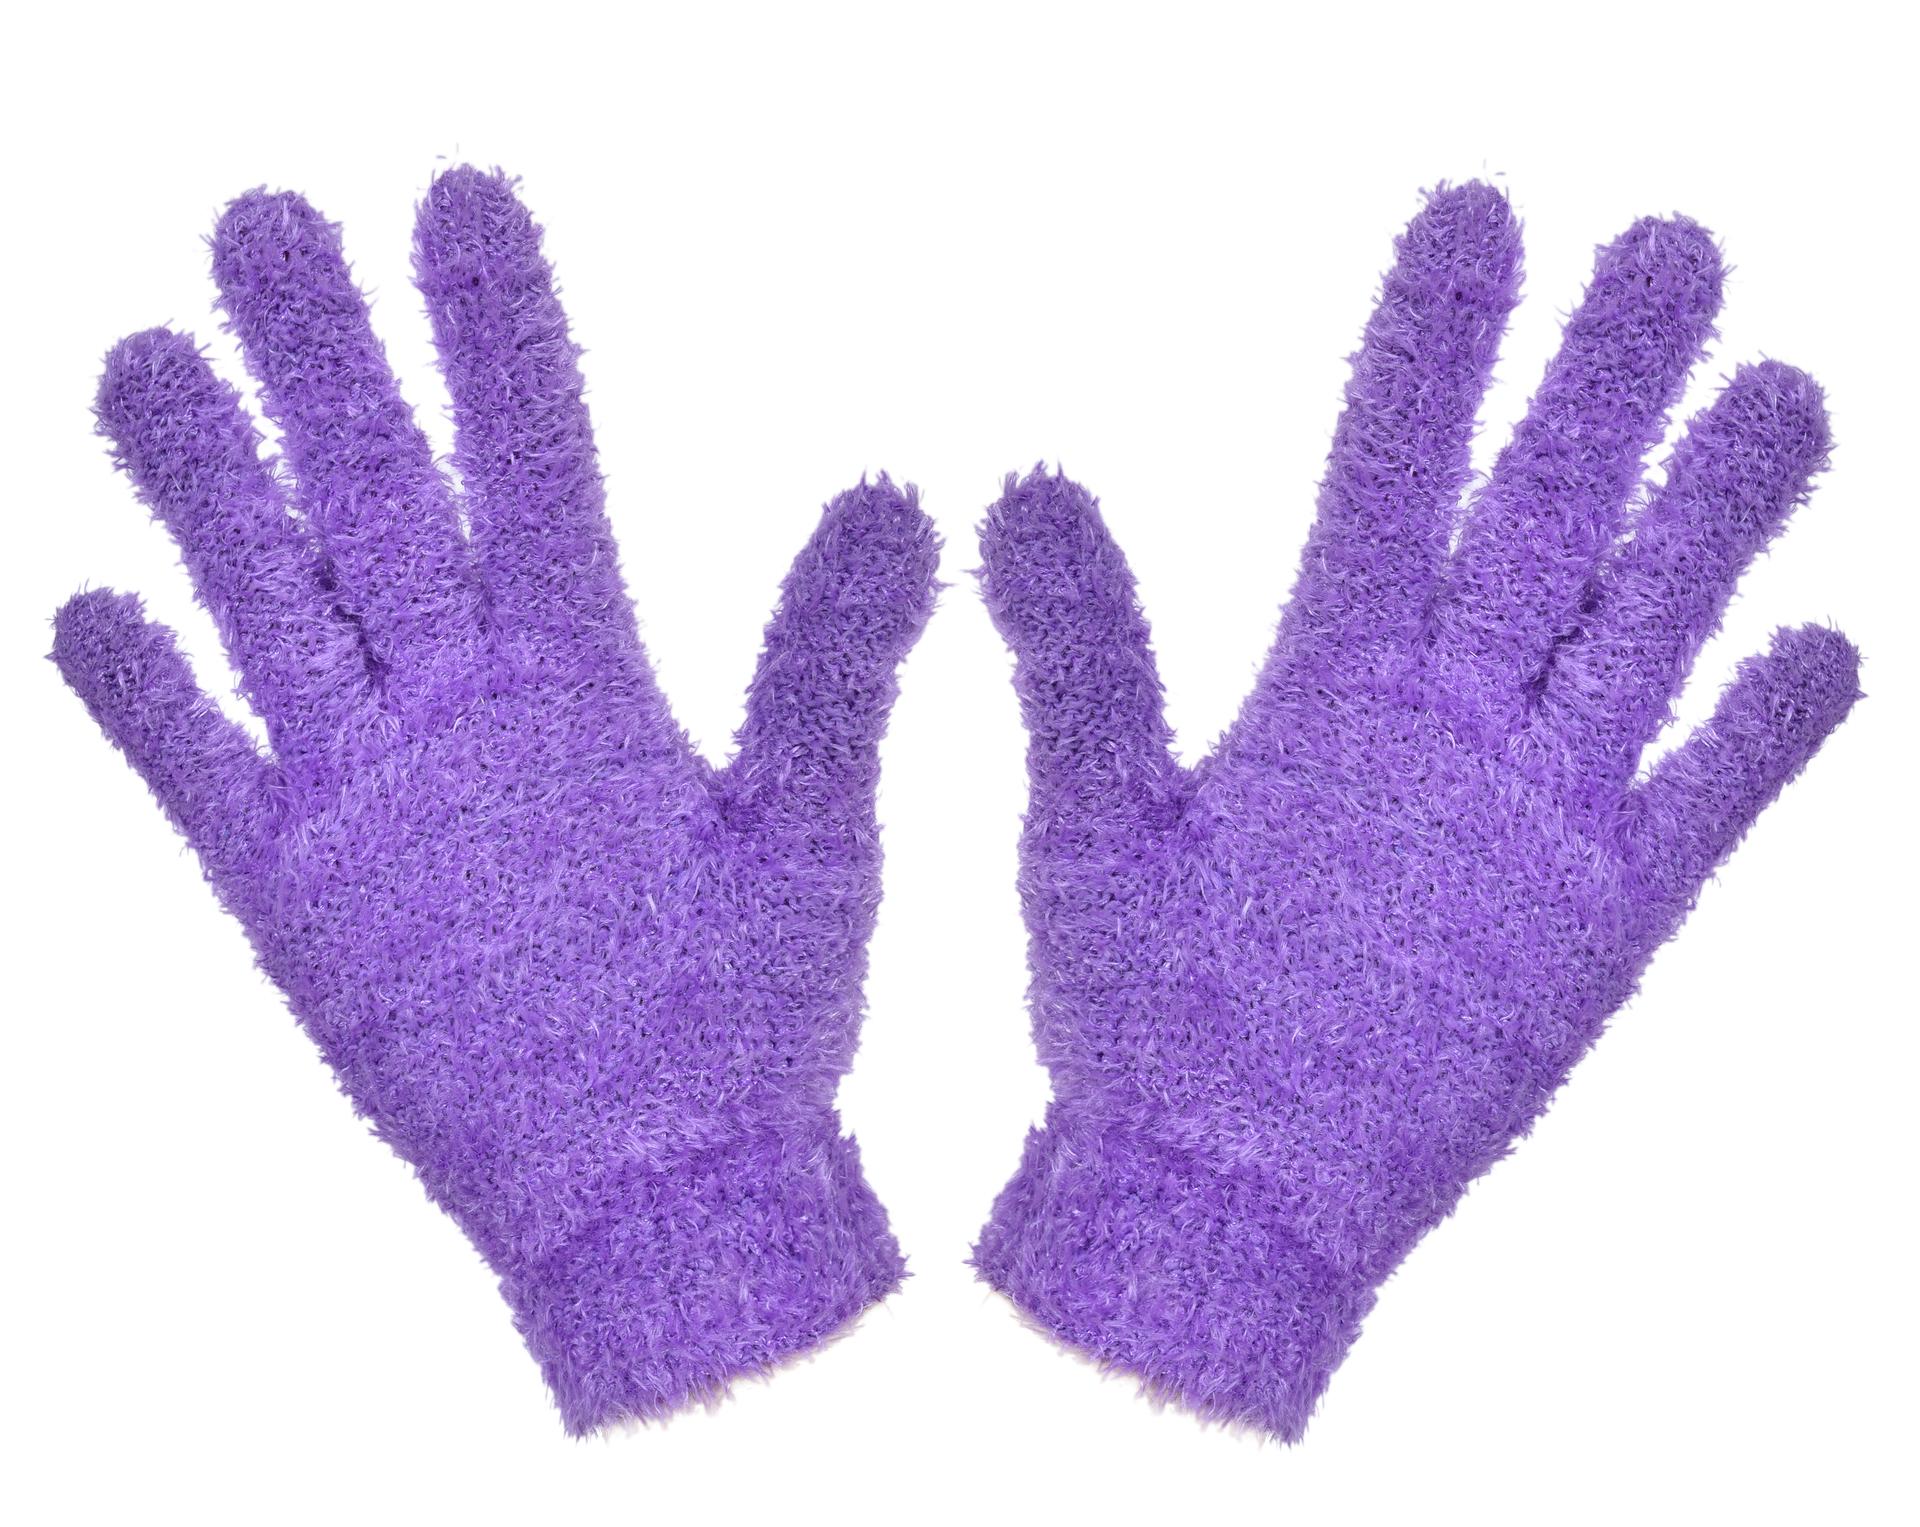 Žinylkové rukavice hřejivé, fialové